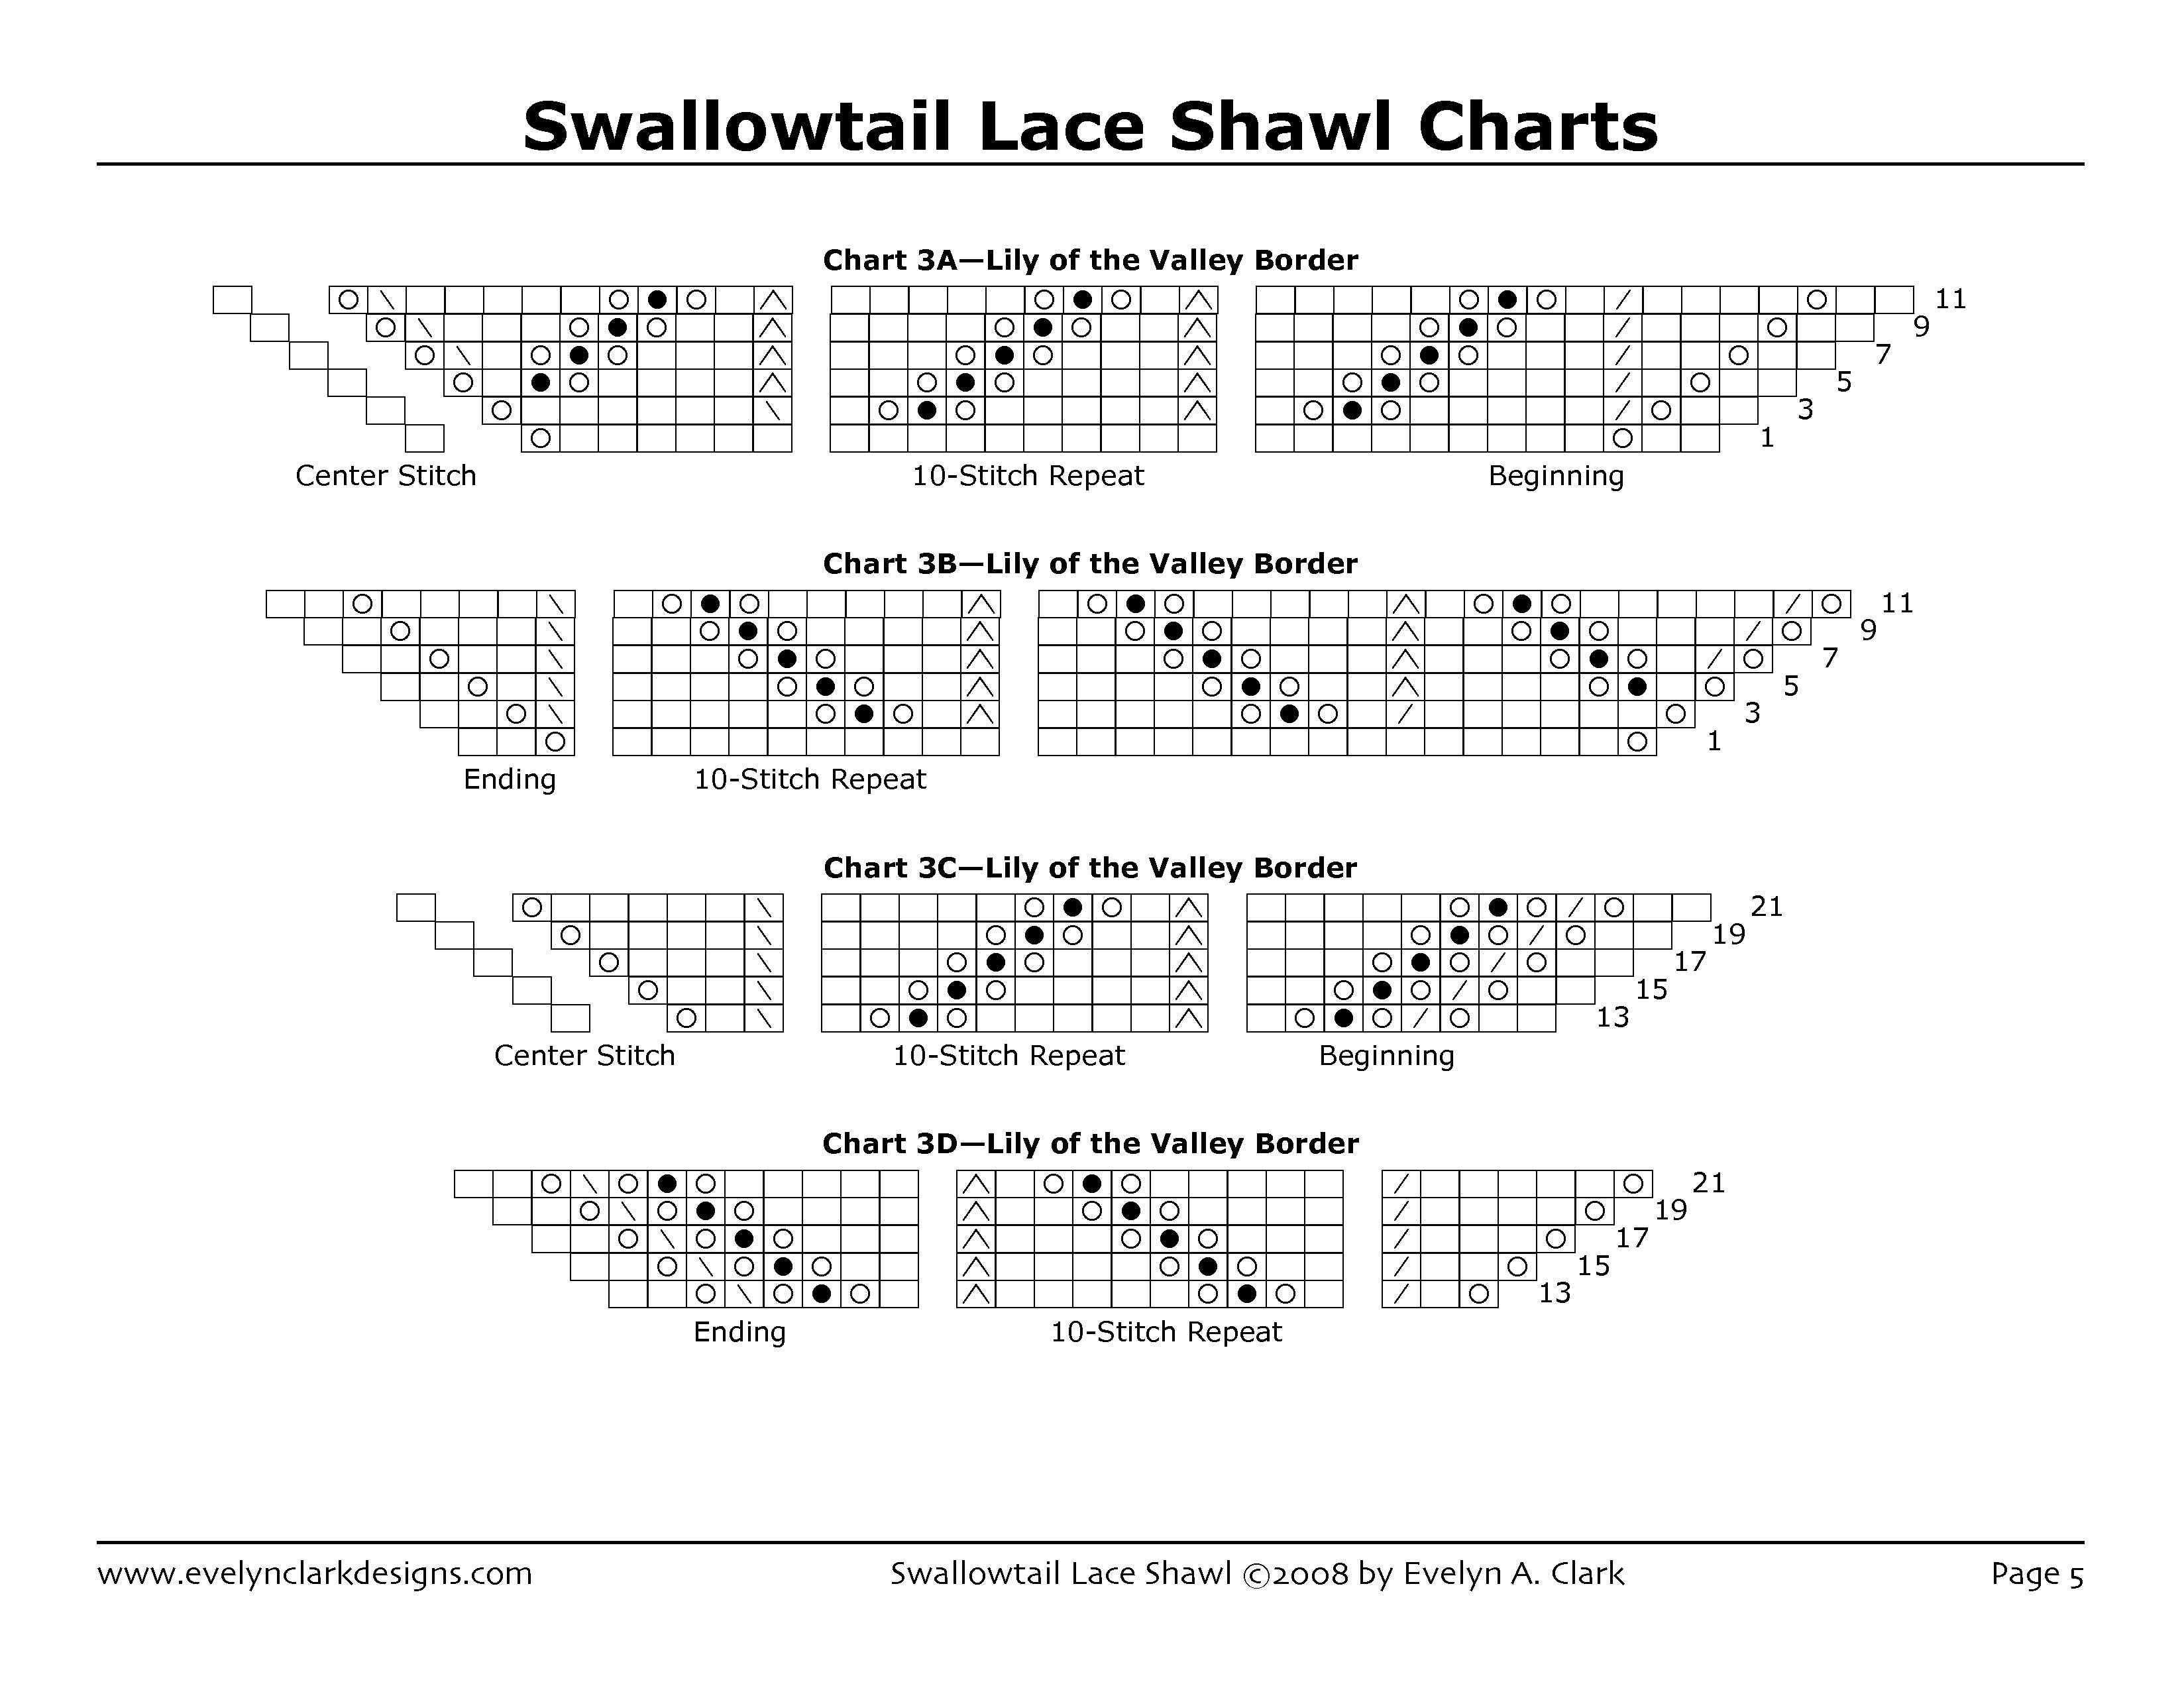 Swallowtail5.jpg